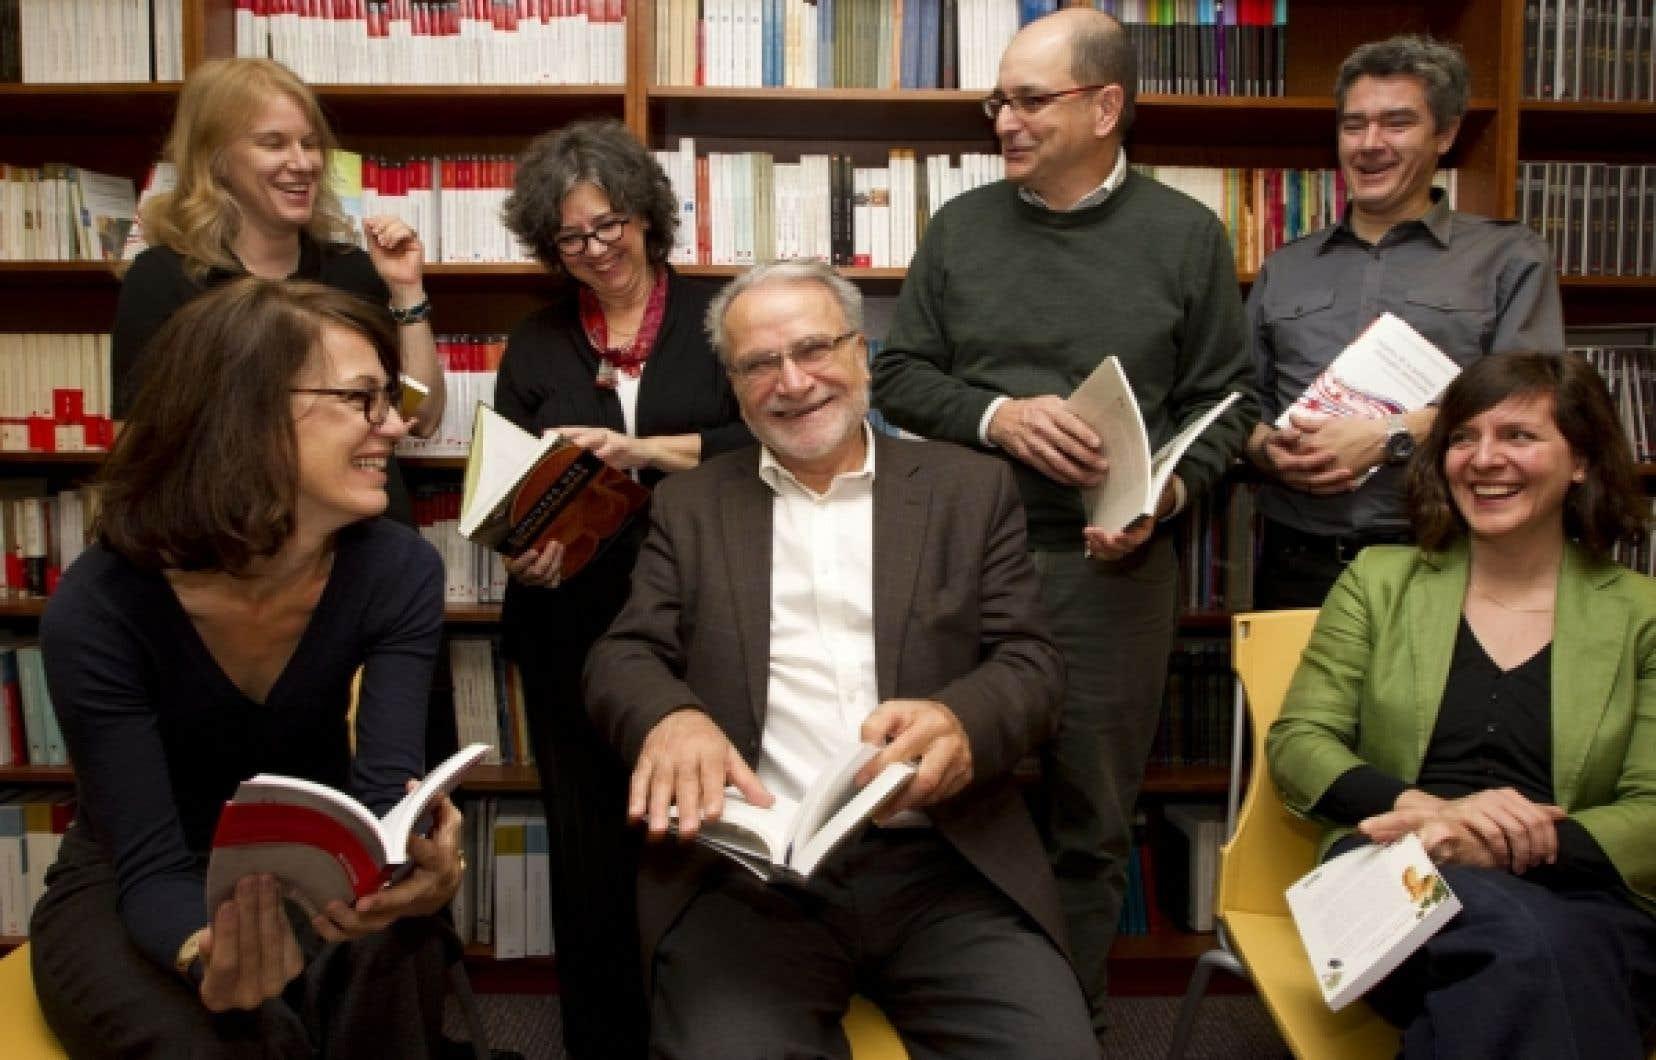 Au centre, Antoine Del Busso, éditeur des PUM, et Benoît Melançon, directeur scientifique des PUM, sont entourés de leur équipe.